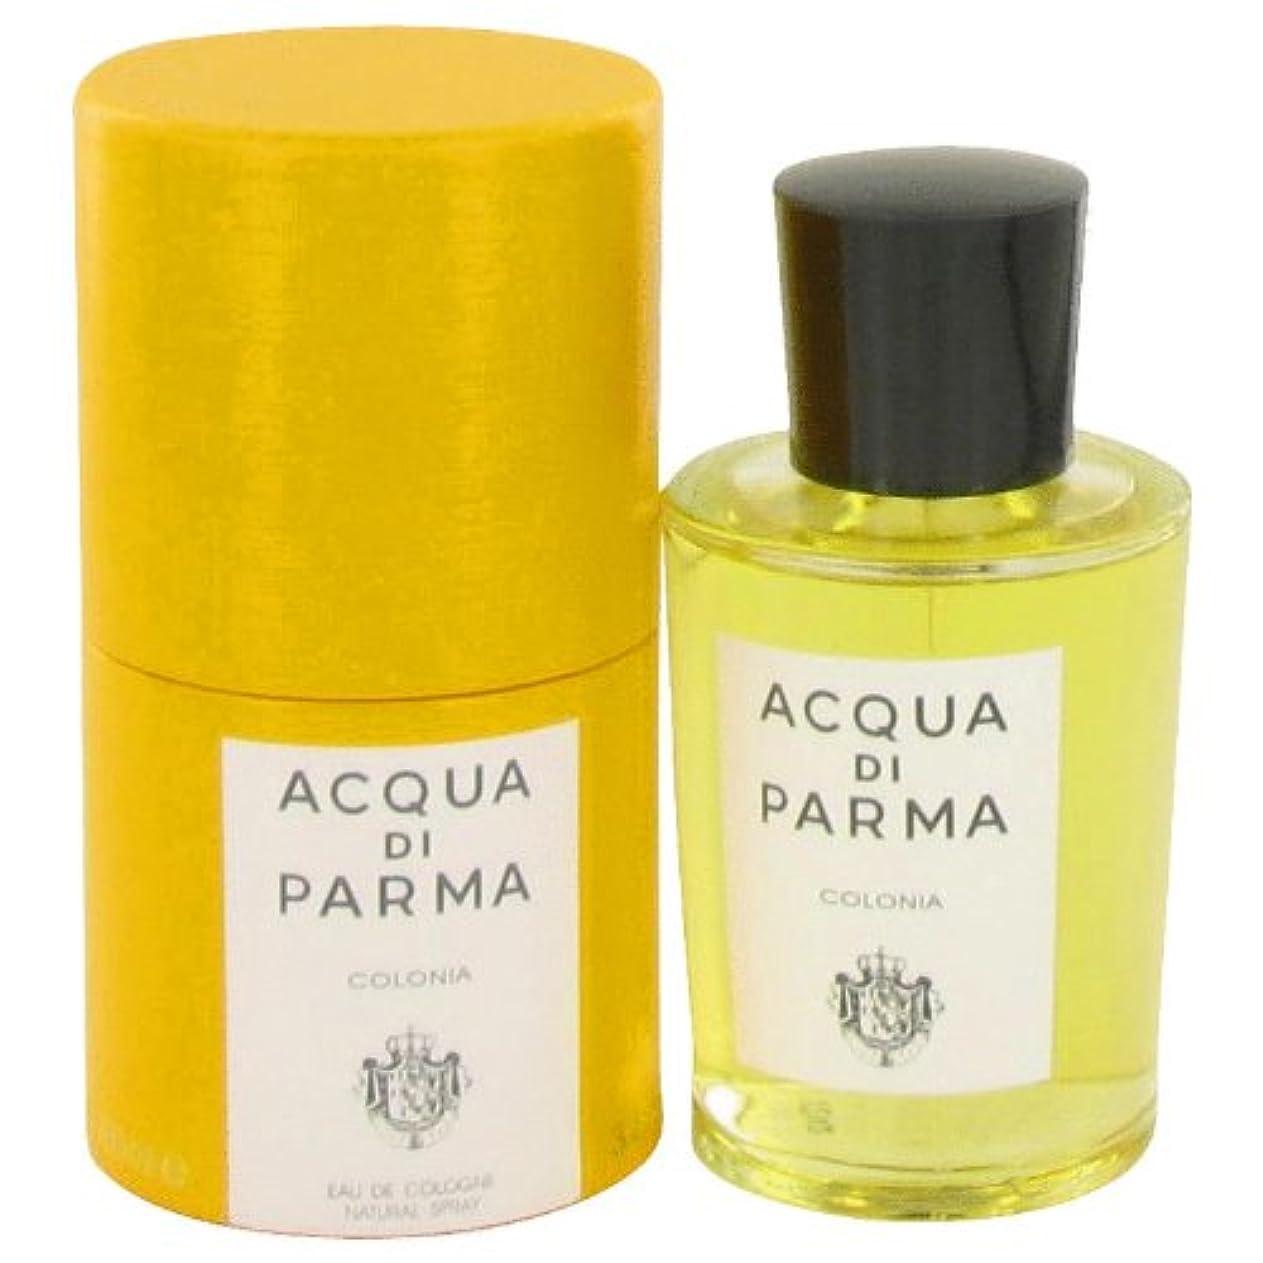 振る舞いホーン致命的Acqua Di Parma Colonia Eau De Cologne Spray By Acqua Di Parma